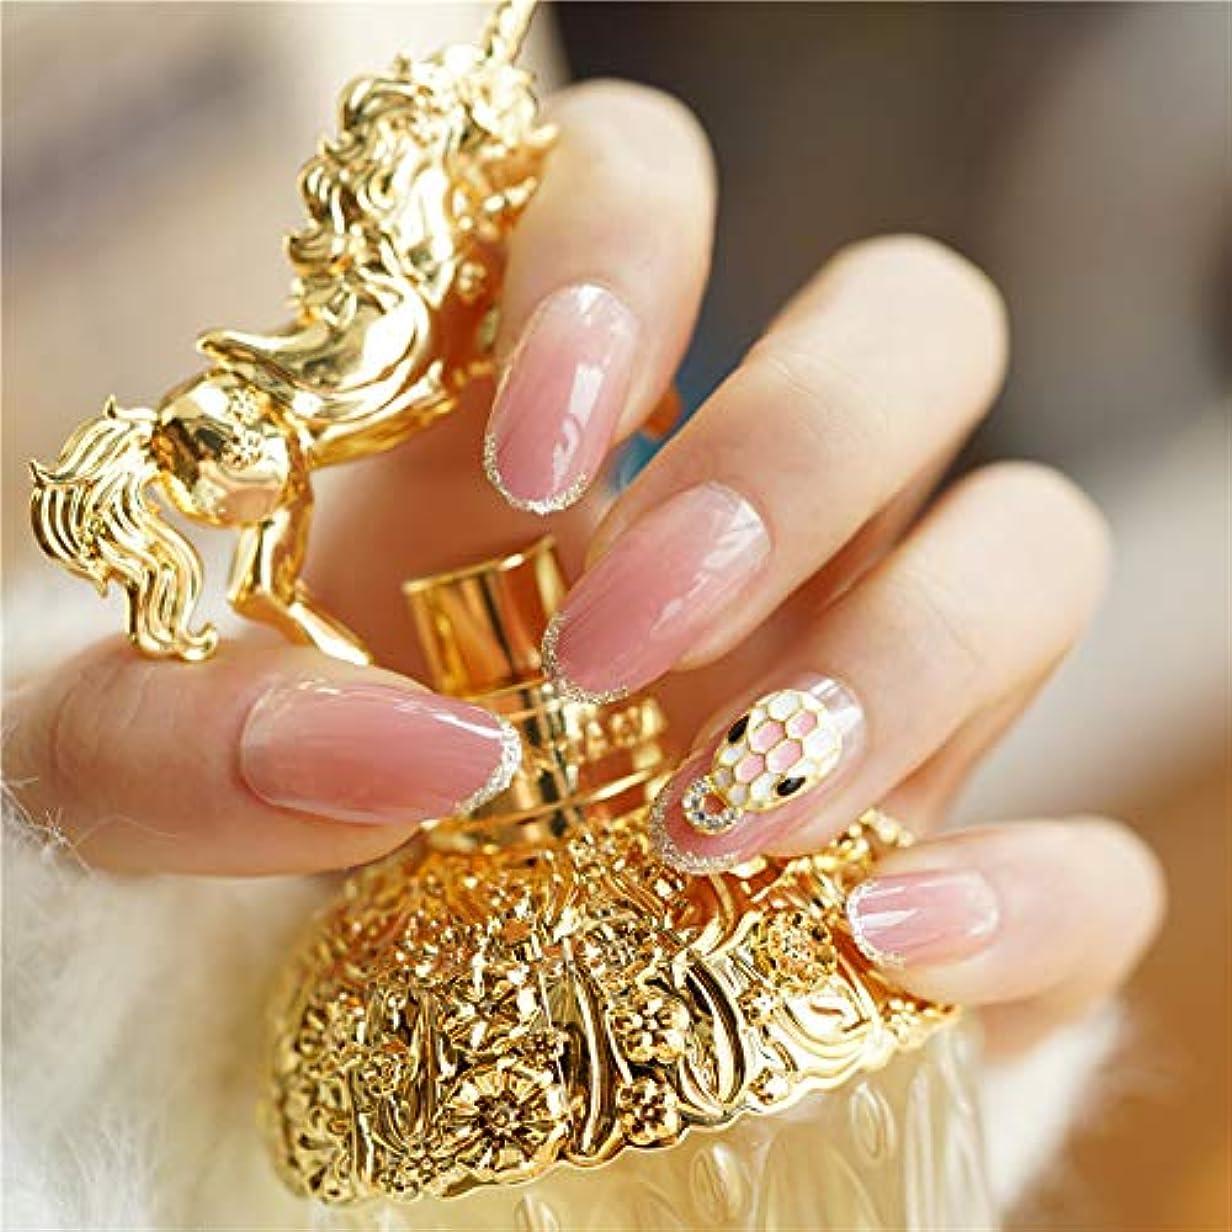 重荷鉛灌漑24枚セット ネイルチップ 付け爪 お嫁さんつけ爪 ネイルシール 3D可愛い飾り 爪先金回し 水しいピンク色変化デザインネイルチップ (ピンク)